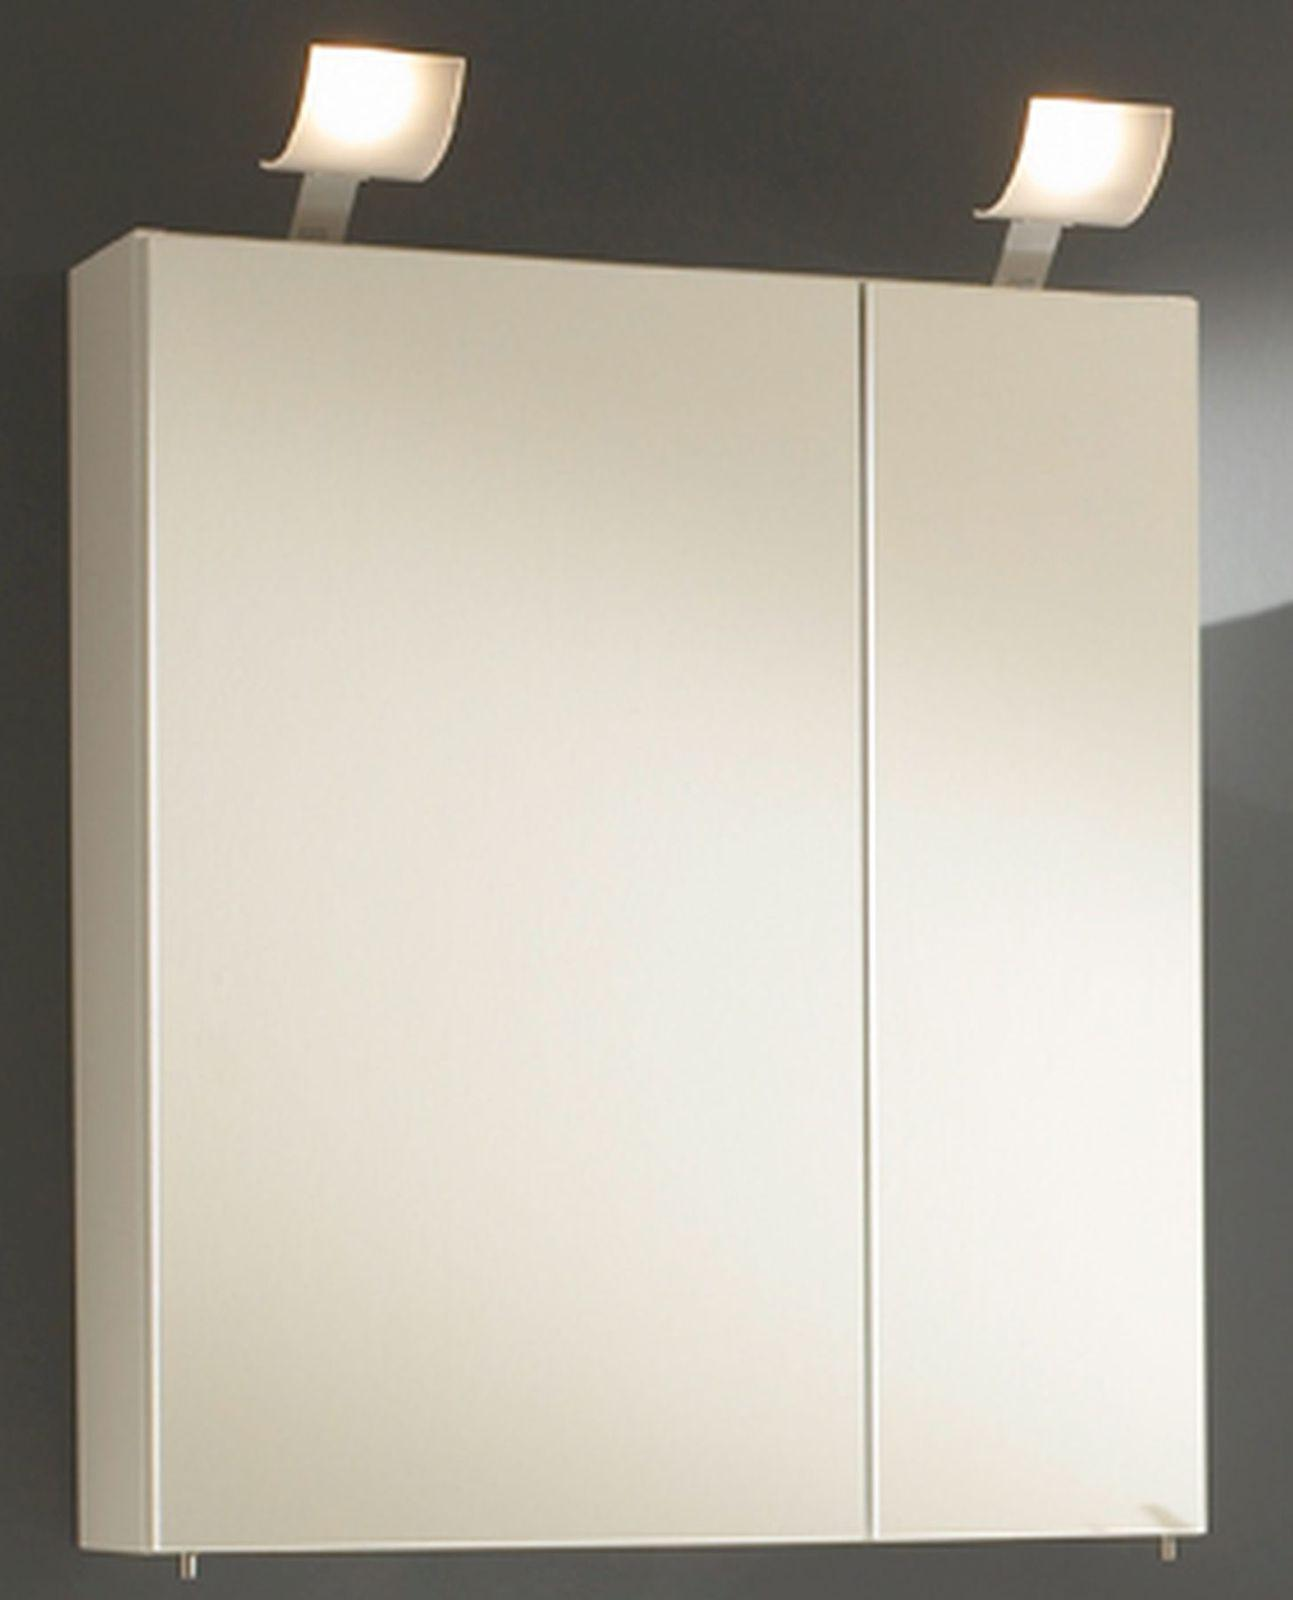 led-bad-spiegelschrank-60-x-70-x-17-cm-softclose-schalter-steckdose-kombi--10602 Erstaunlich Spiegelschrank Mit Licht Und Steckdose Dekorationen